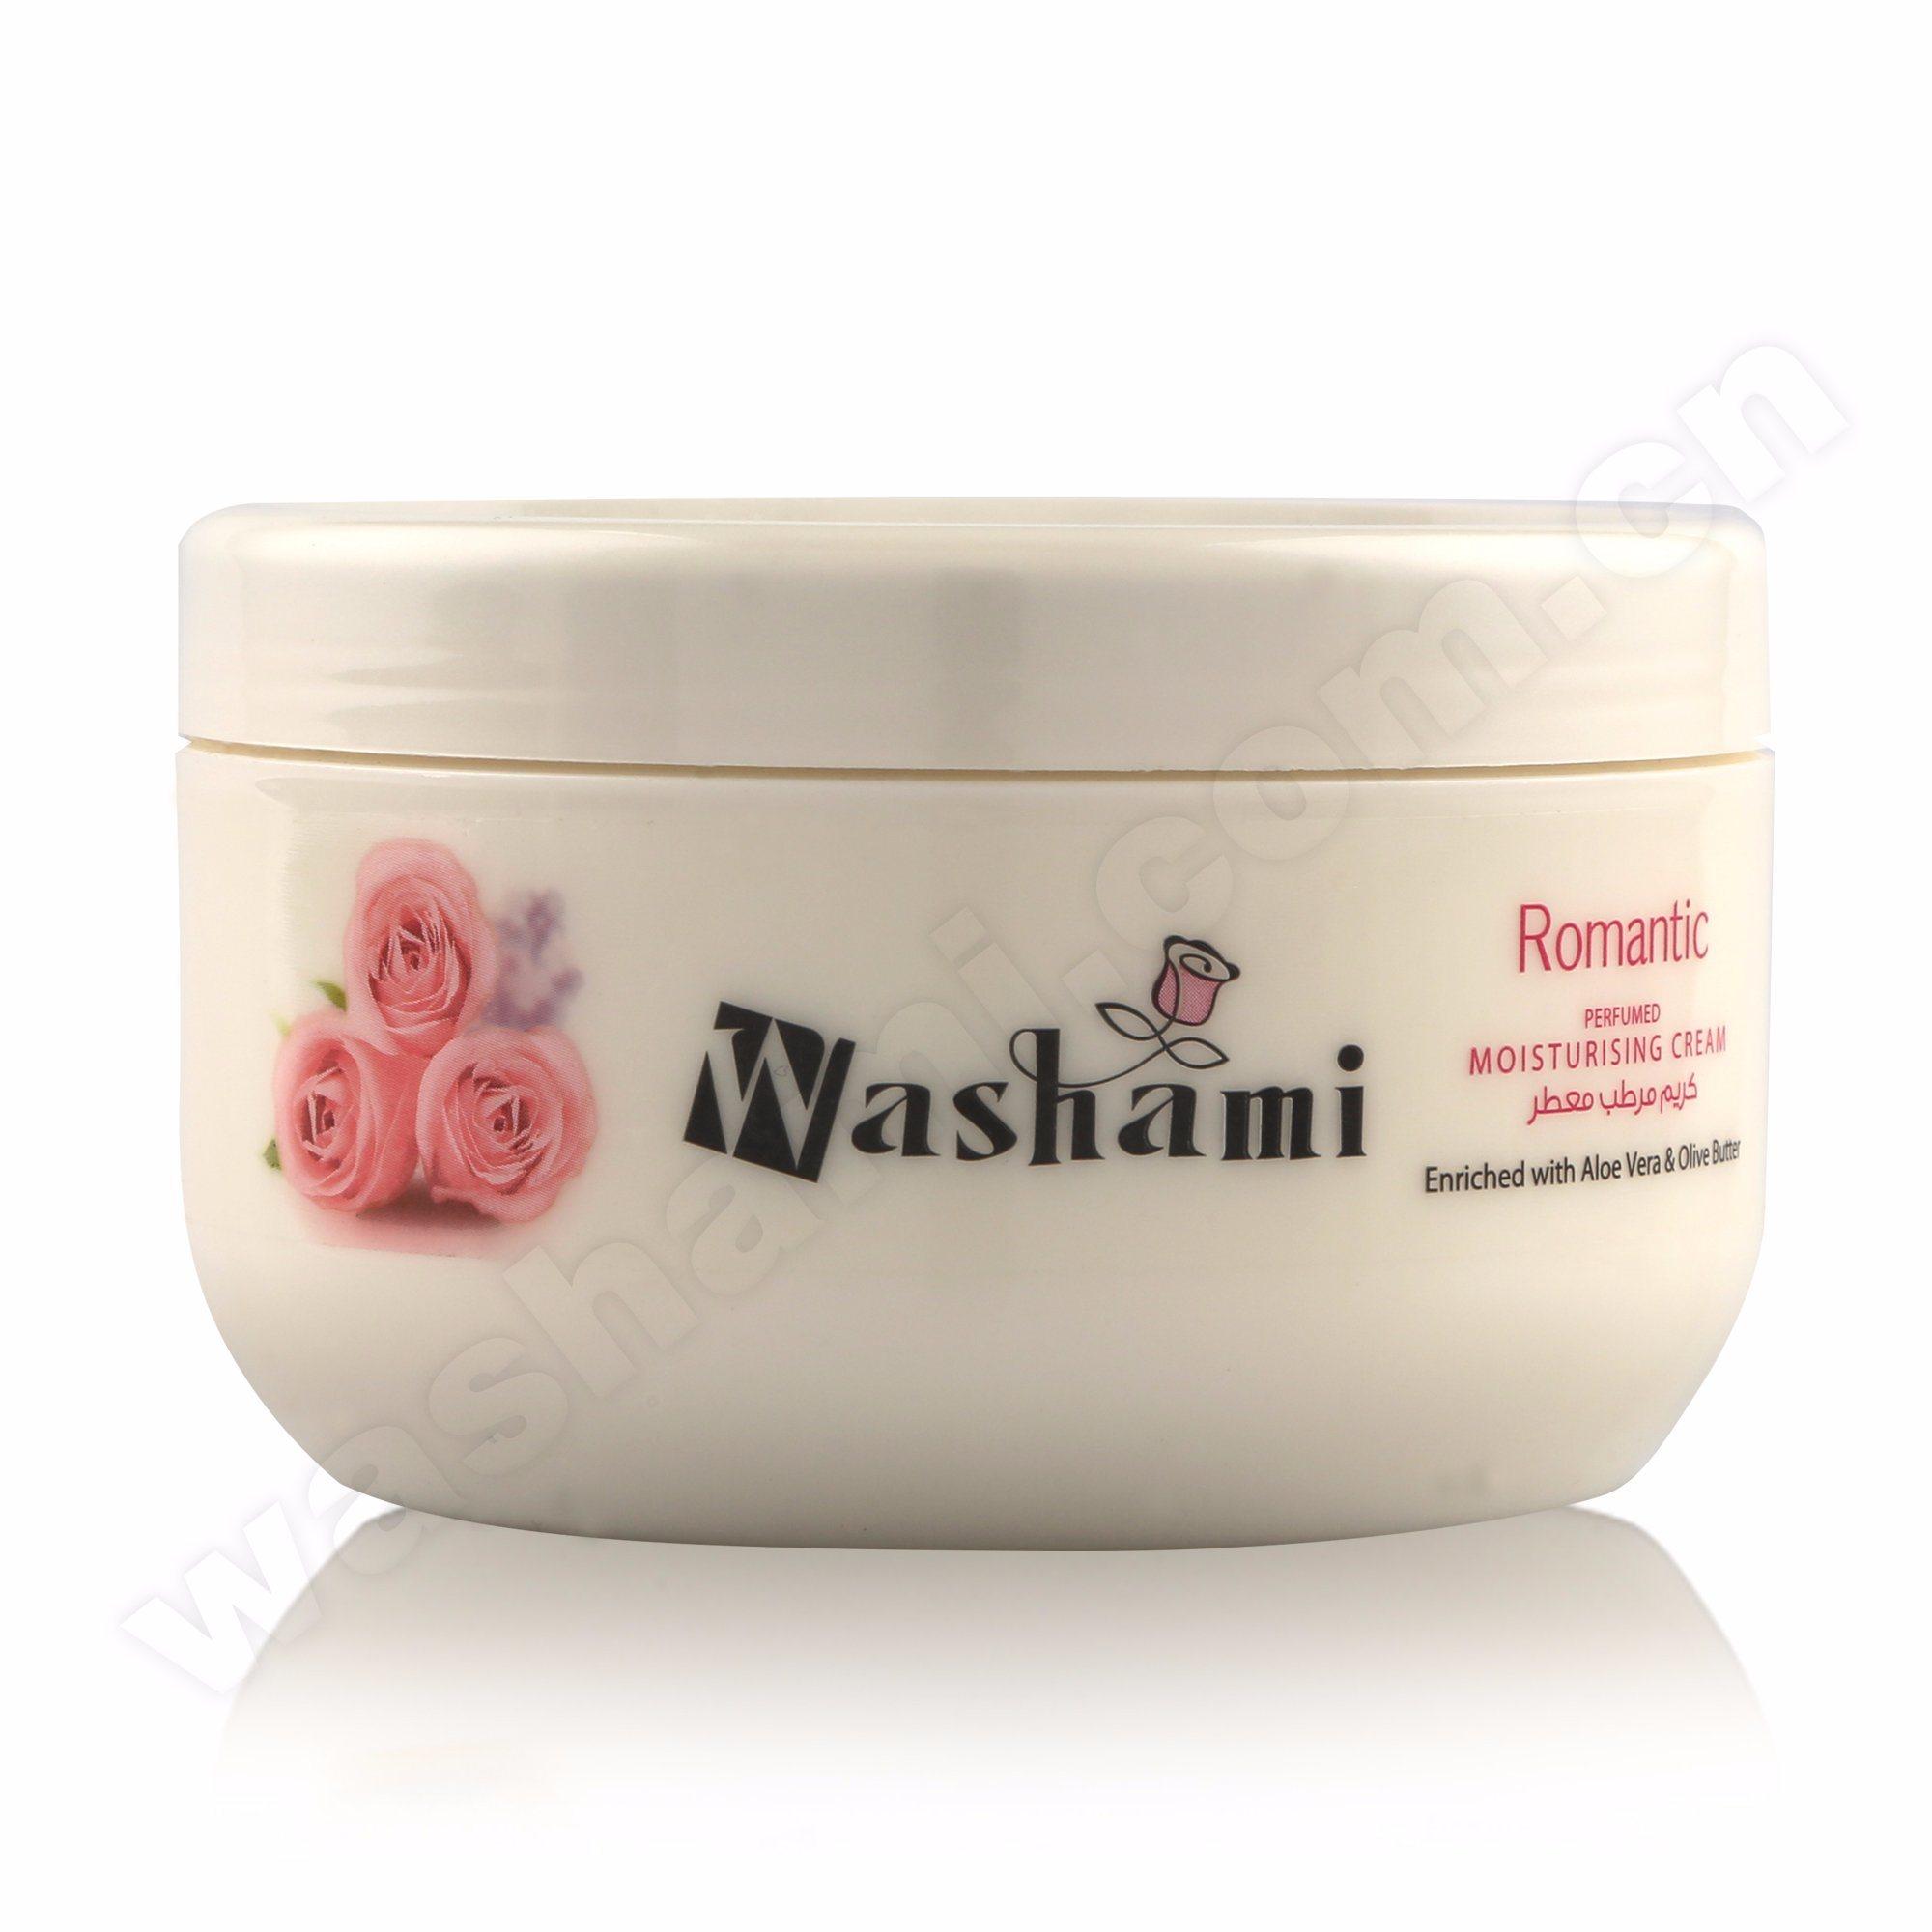 Washami Moisturizing Face Body Whitening Cream